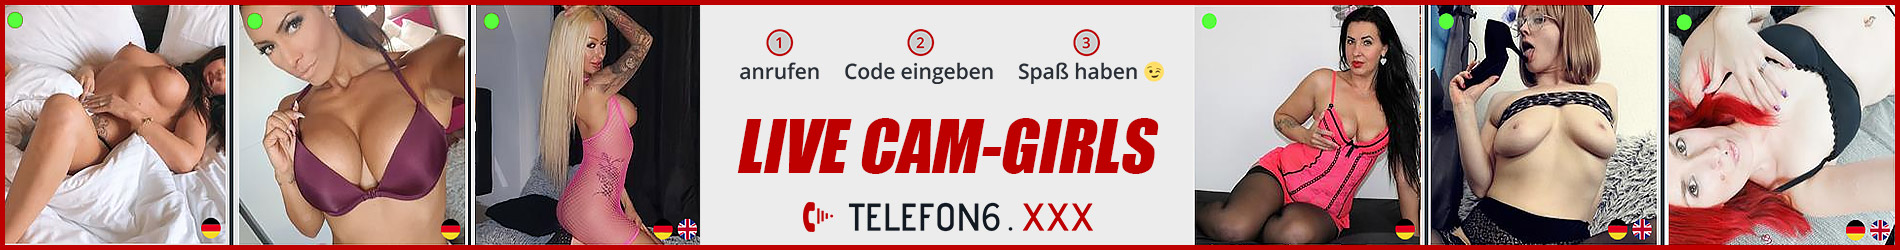 telefon6.xxx